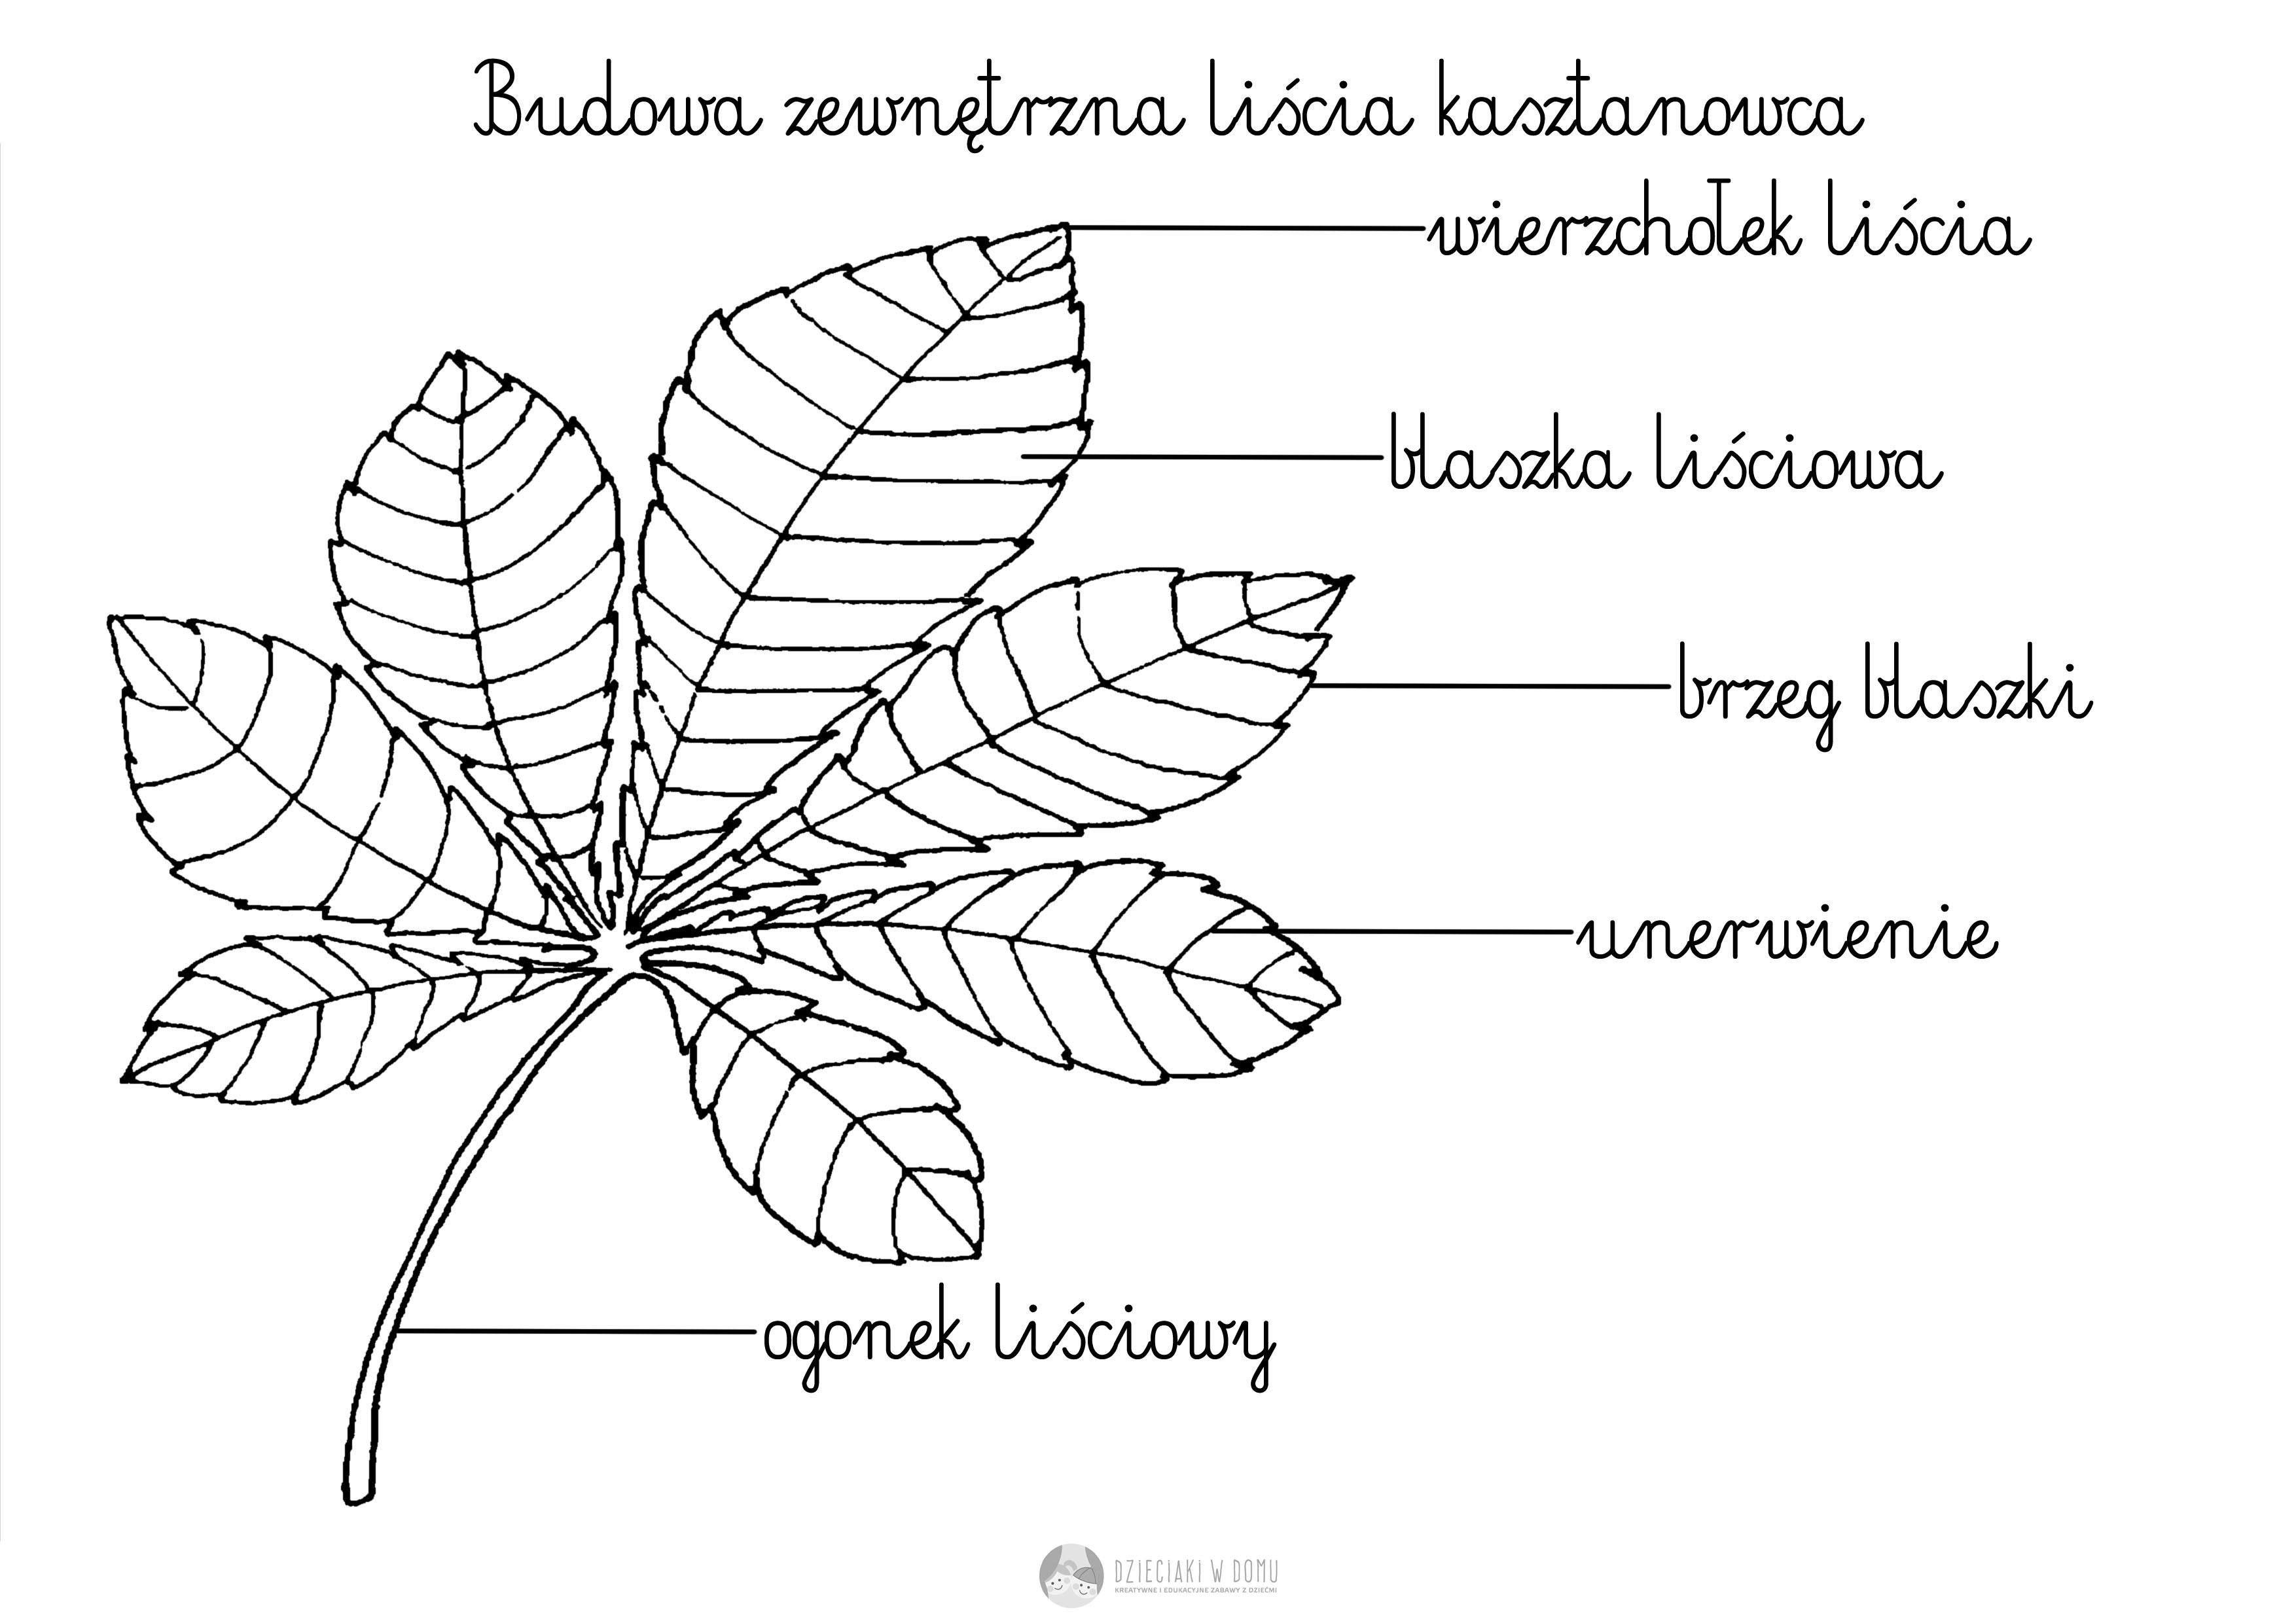 Przed Wami Szablony Lisci Drzew I Kilka Kart Pracy Szablony Sa W Roznych Wersjach Takze Mozna Wykorzystac Je Educational Crafts Worksheets For Kids Education